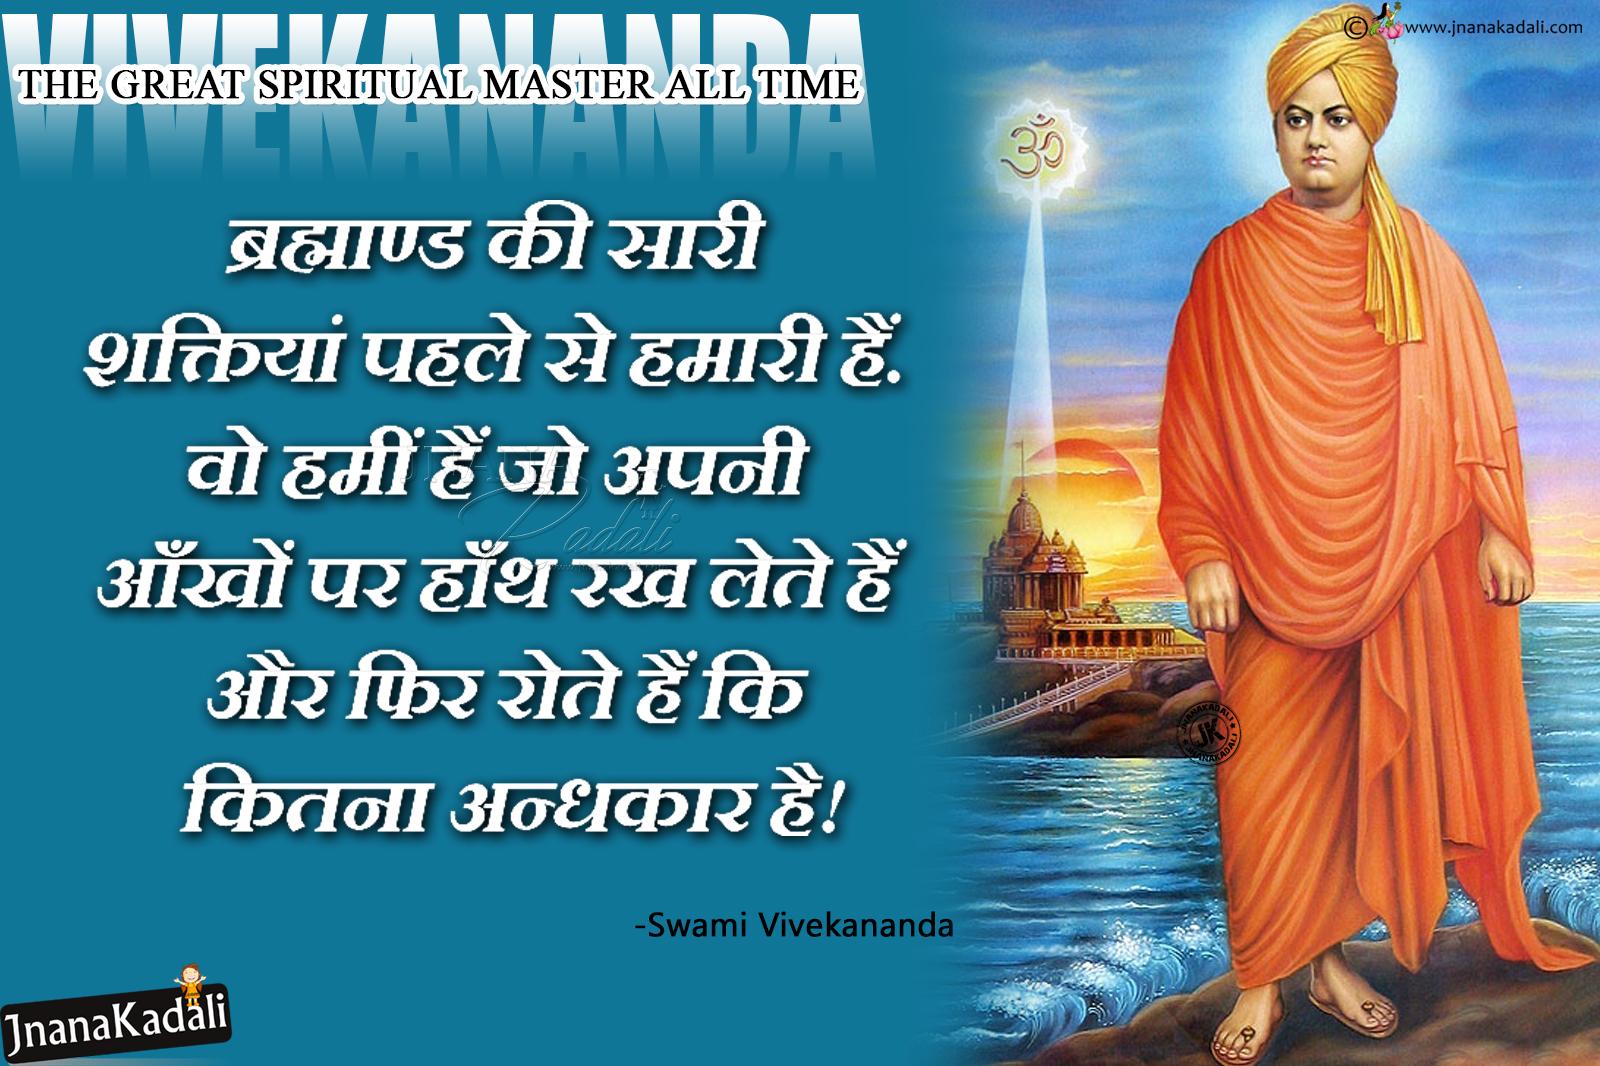 best collection of swami vivekananda shayari and sayings in hindi with vivekananda hd png images jnana kadali com telugu quotes english quotes hindi quotes tamil quotes dharmasandehalu swami vivekananda shayari and sayings